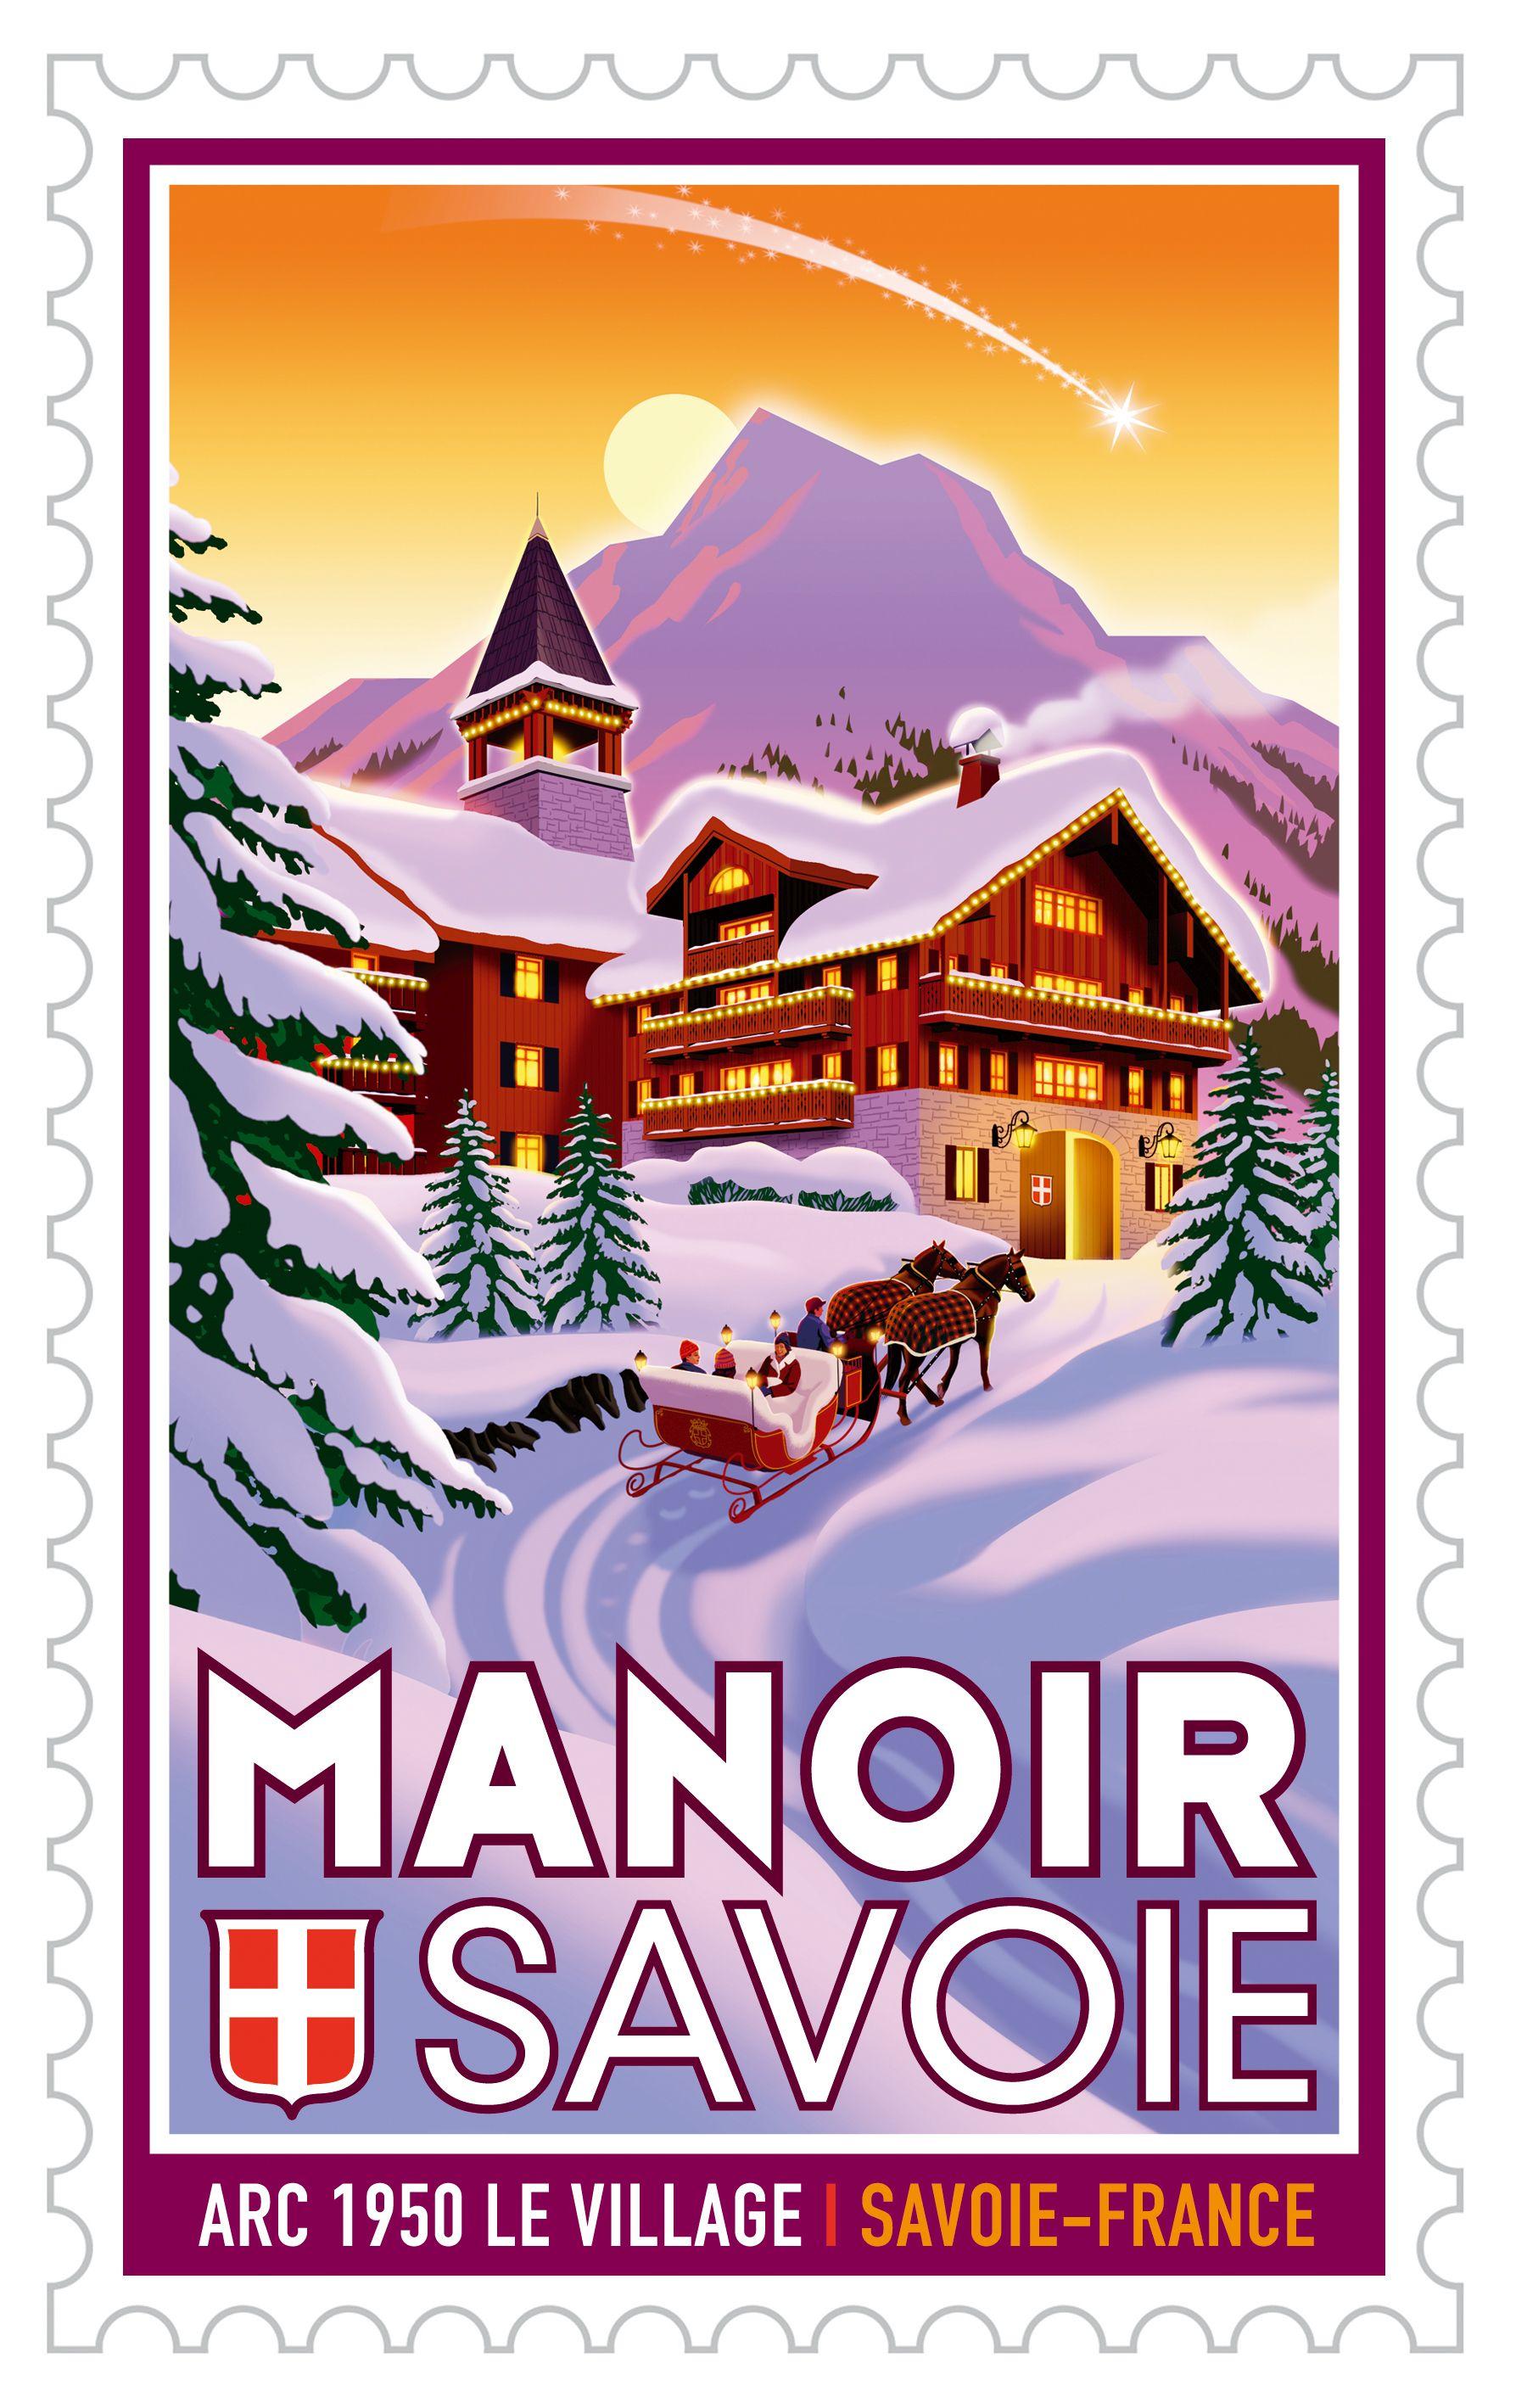 Manoir Savoie